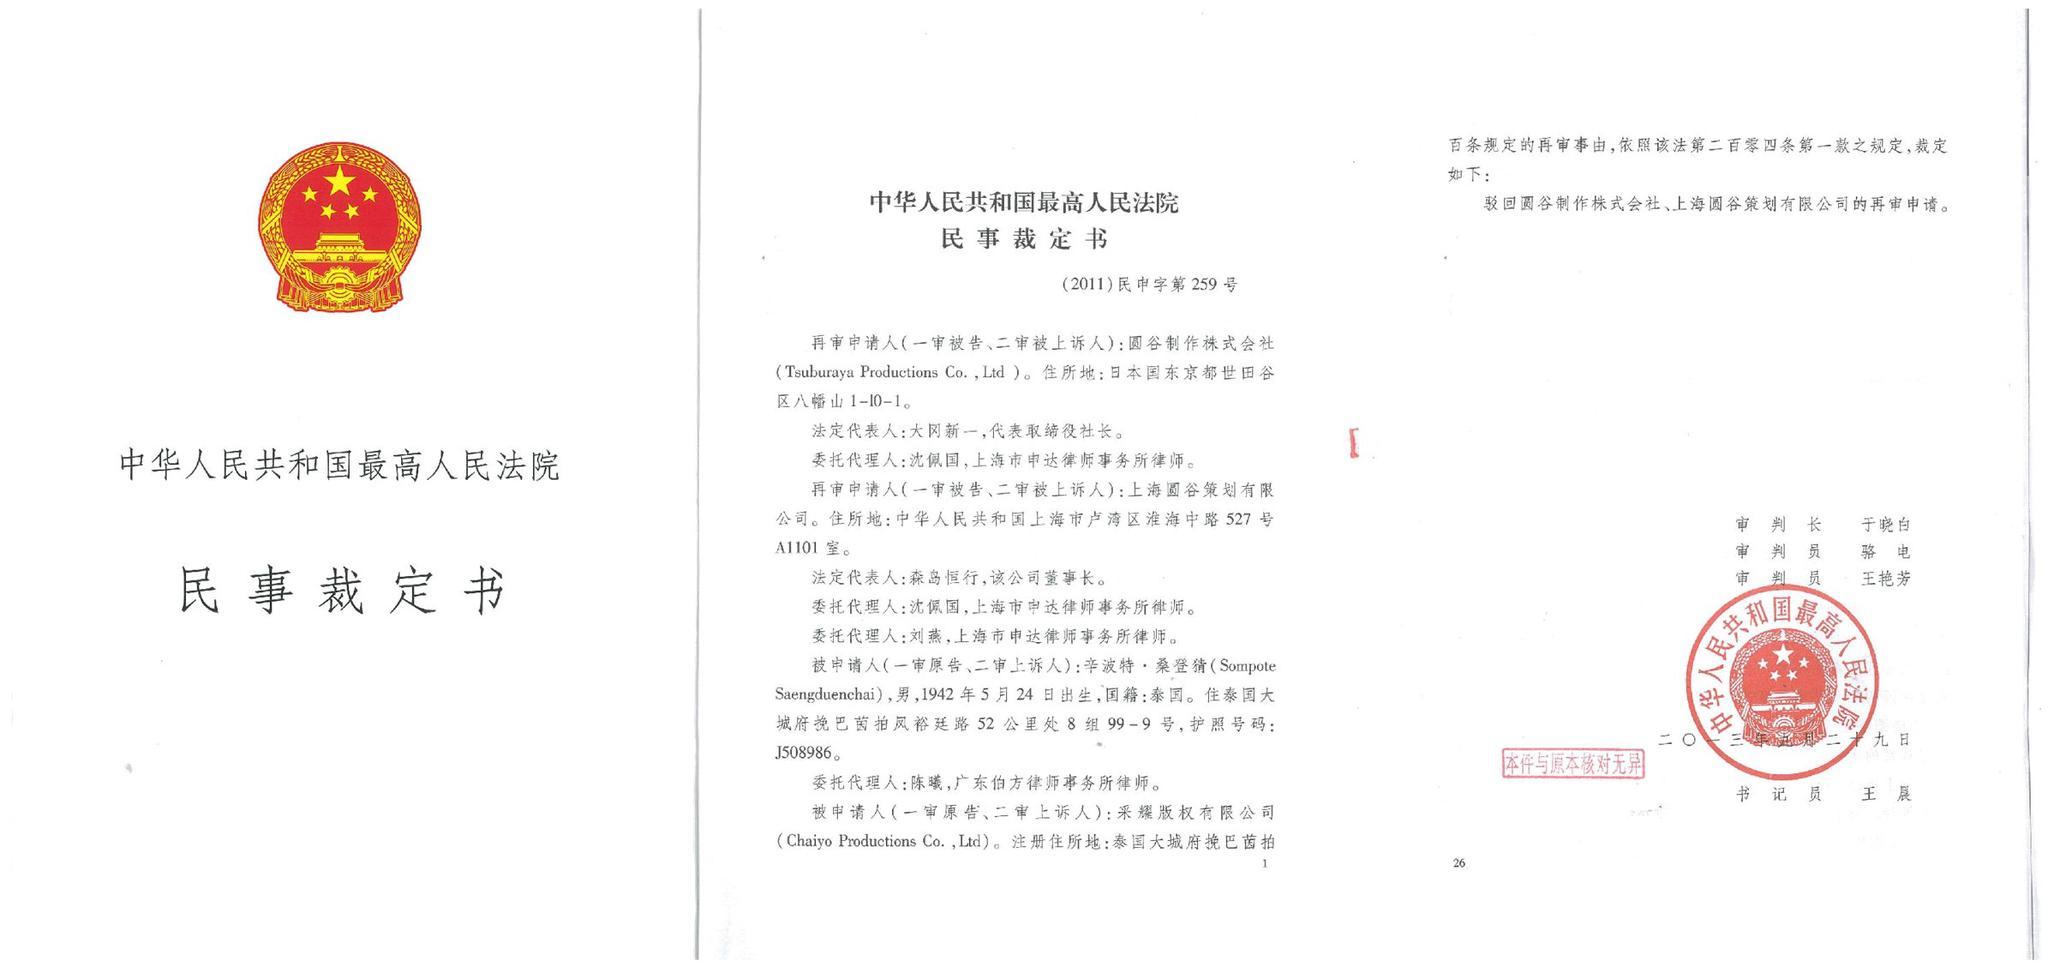 中国最高院判决:圆谷已丧失奥特曼海外版权